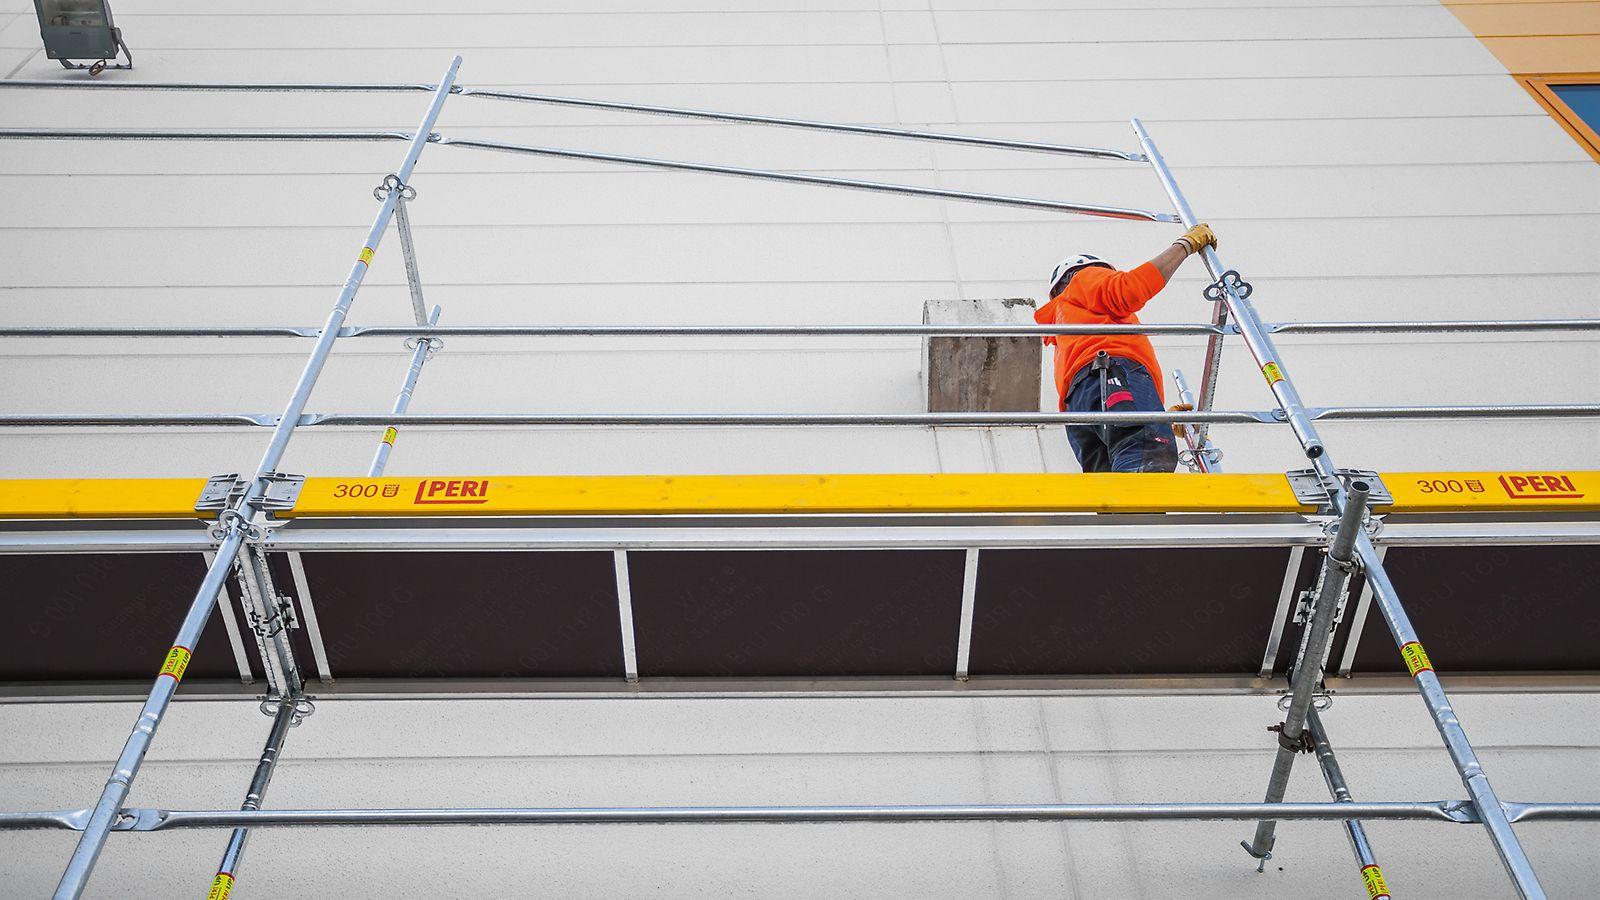 Mehr Sicherheit - Absturzsicherung ohne Zusatzbauteile im Schutz des vorlaufend montierten Geländers.